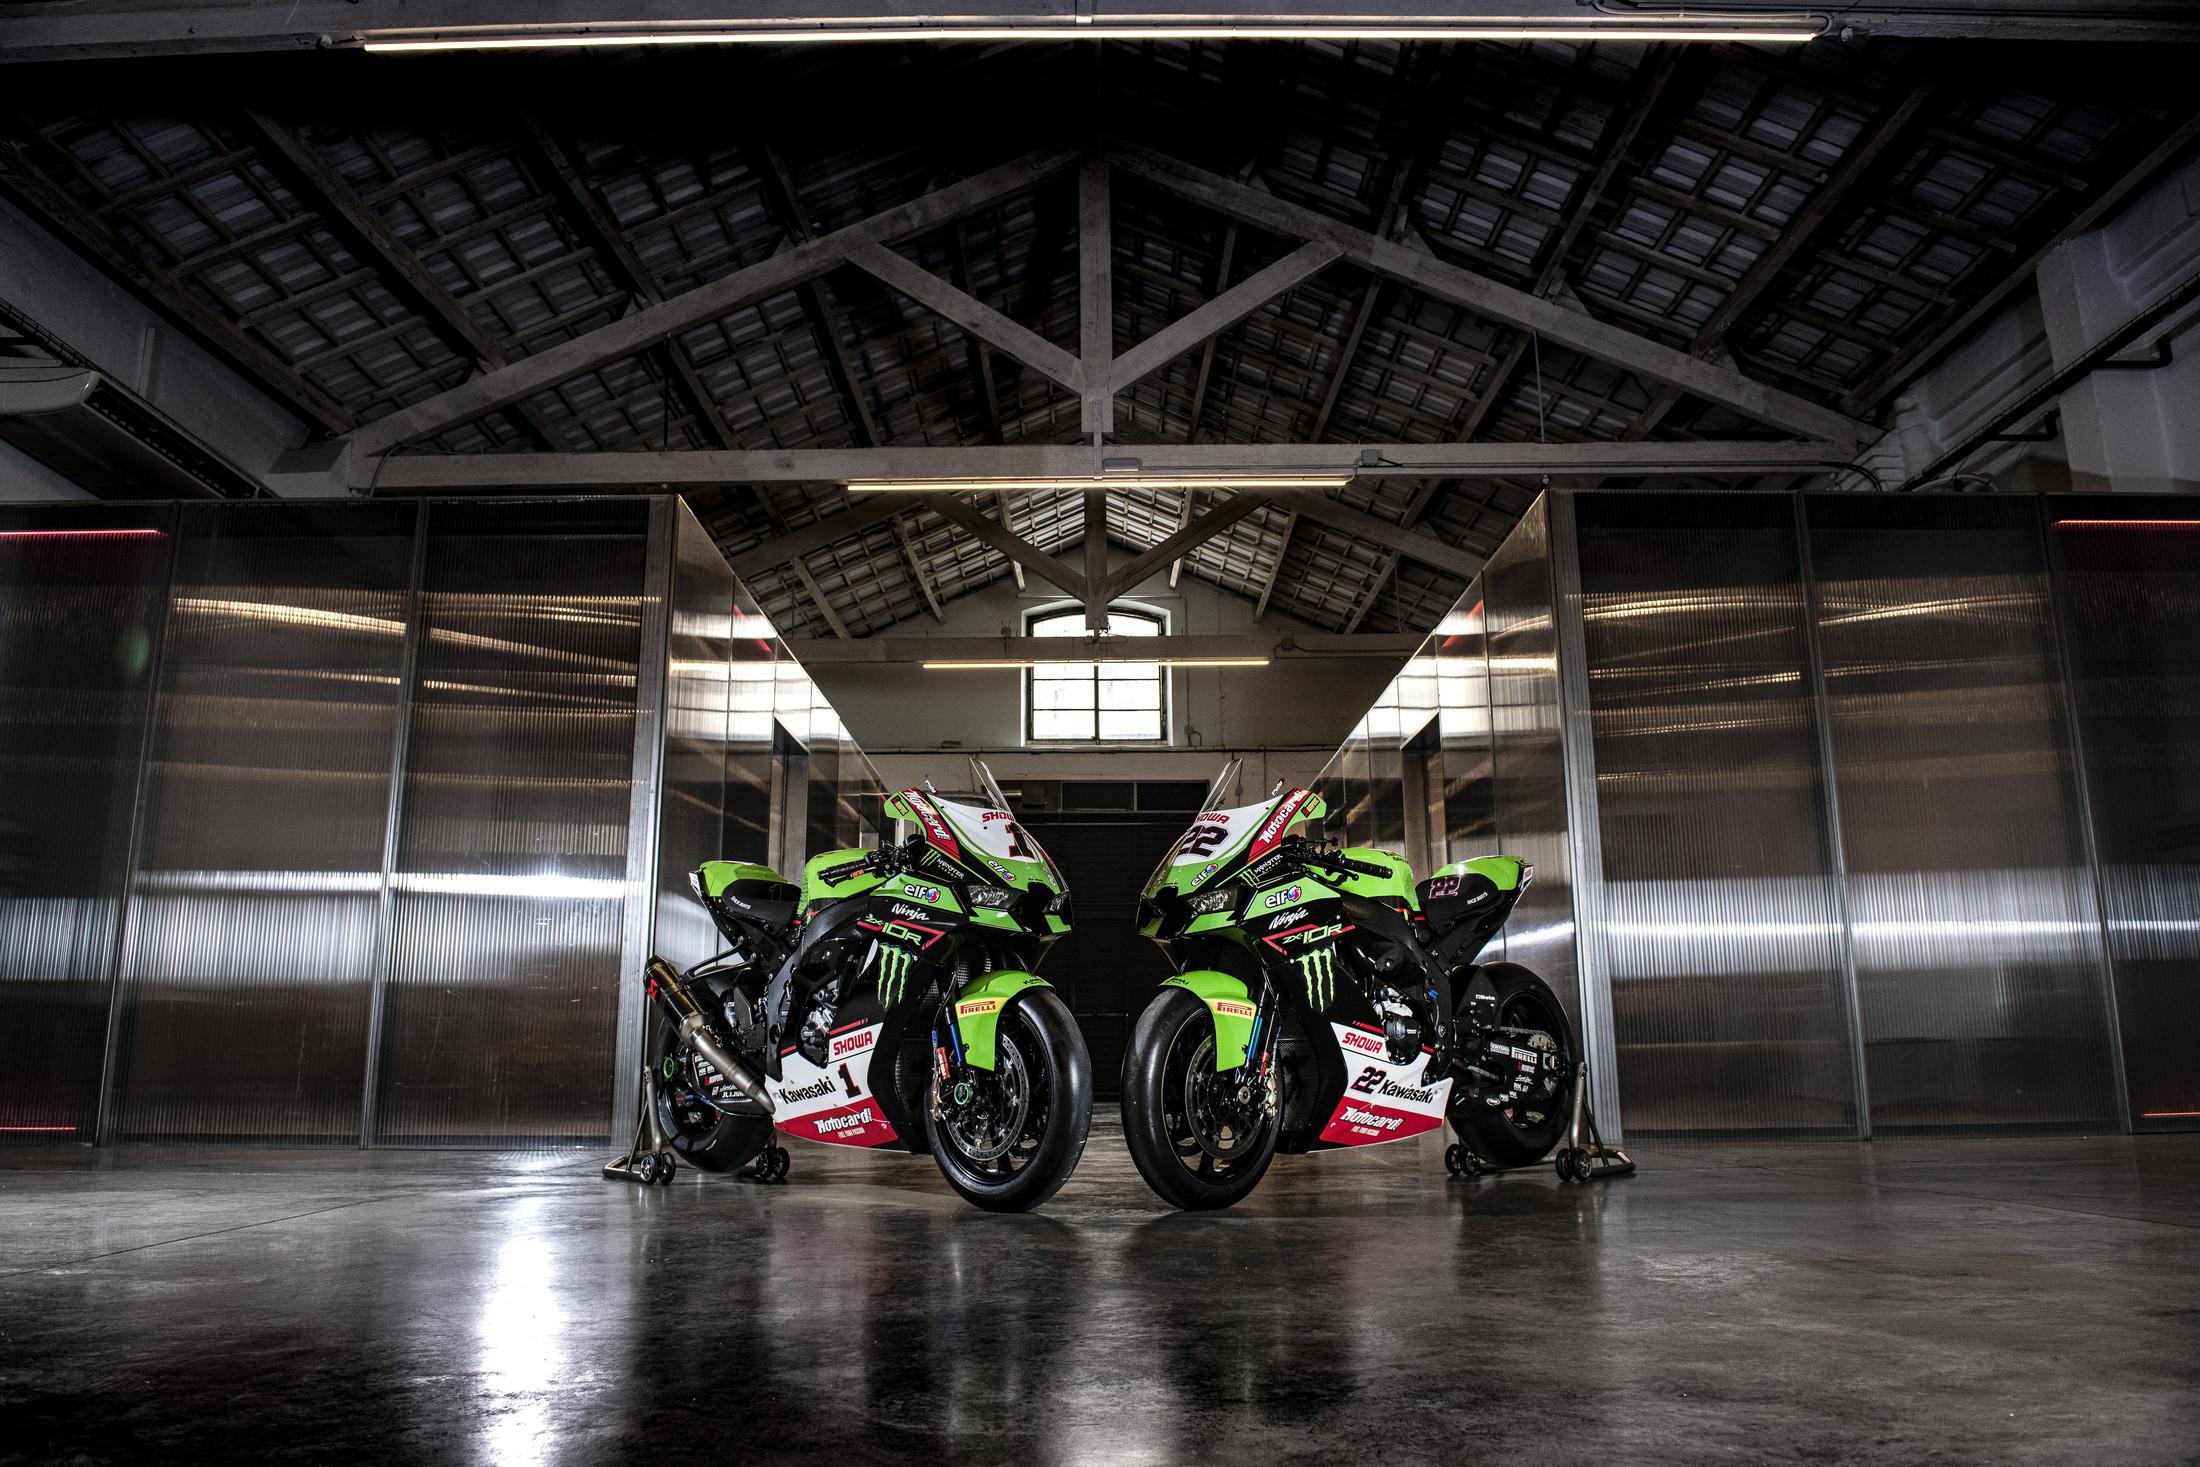 Presentata la squadra del campione del mondo Jonathan Rea, che avr&agrave; ancora Alex Lowes al suo fianco sulla Ninja ZX-10RR per il prossimo campionato Superbike.<br /><br />